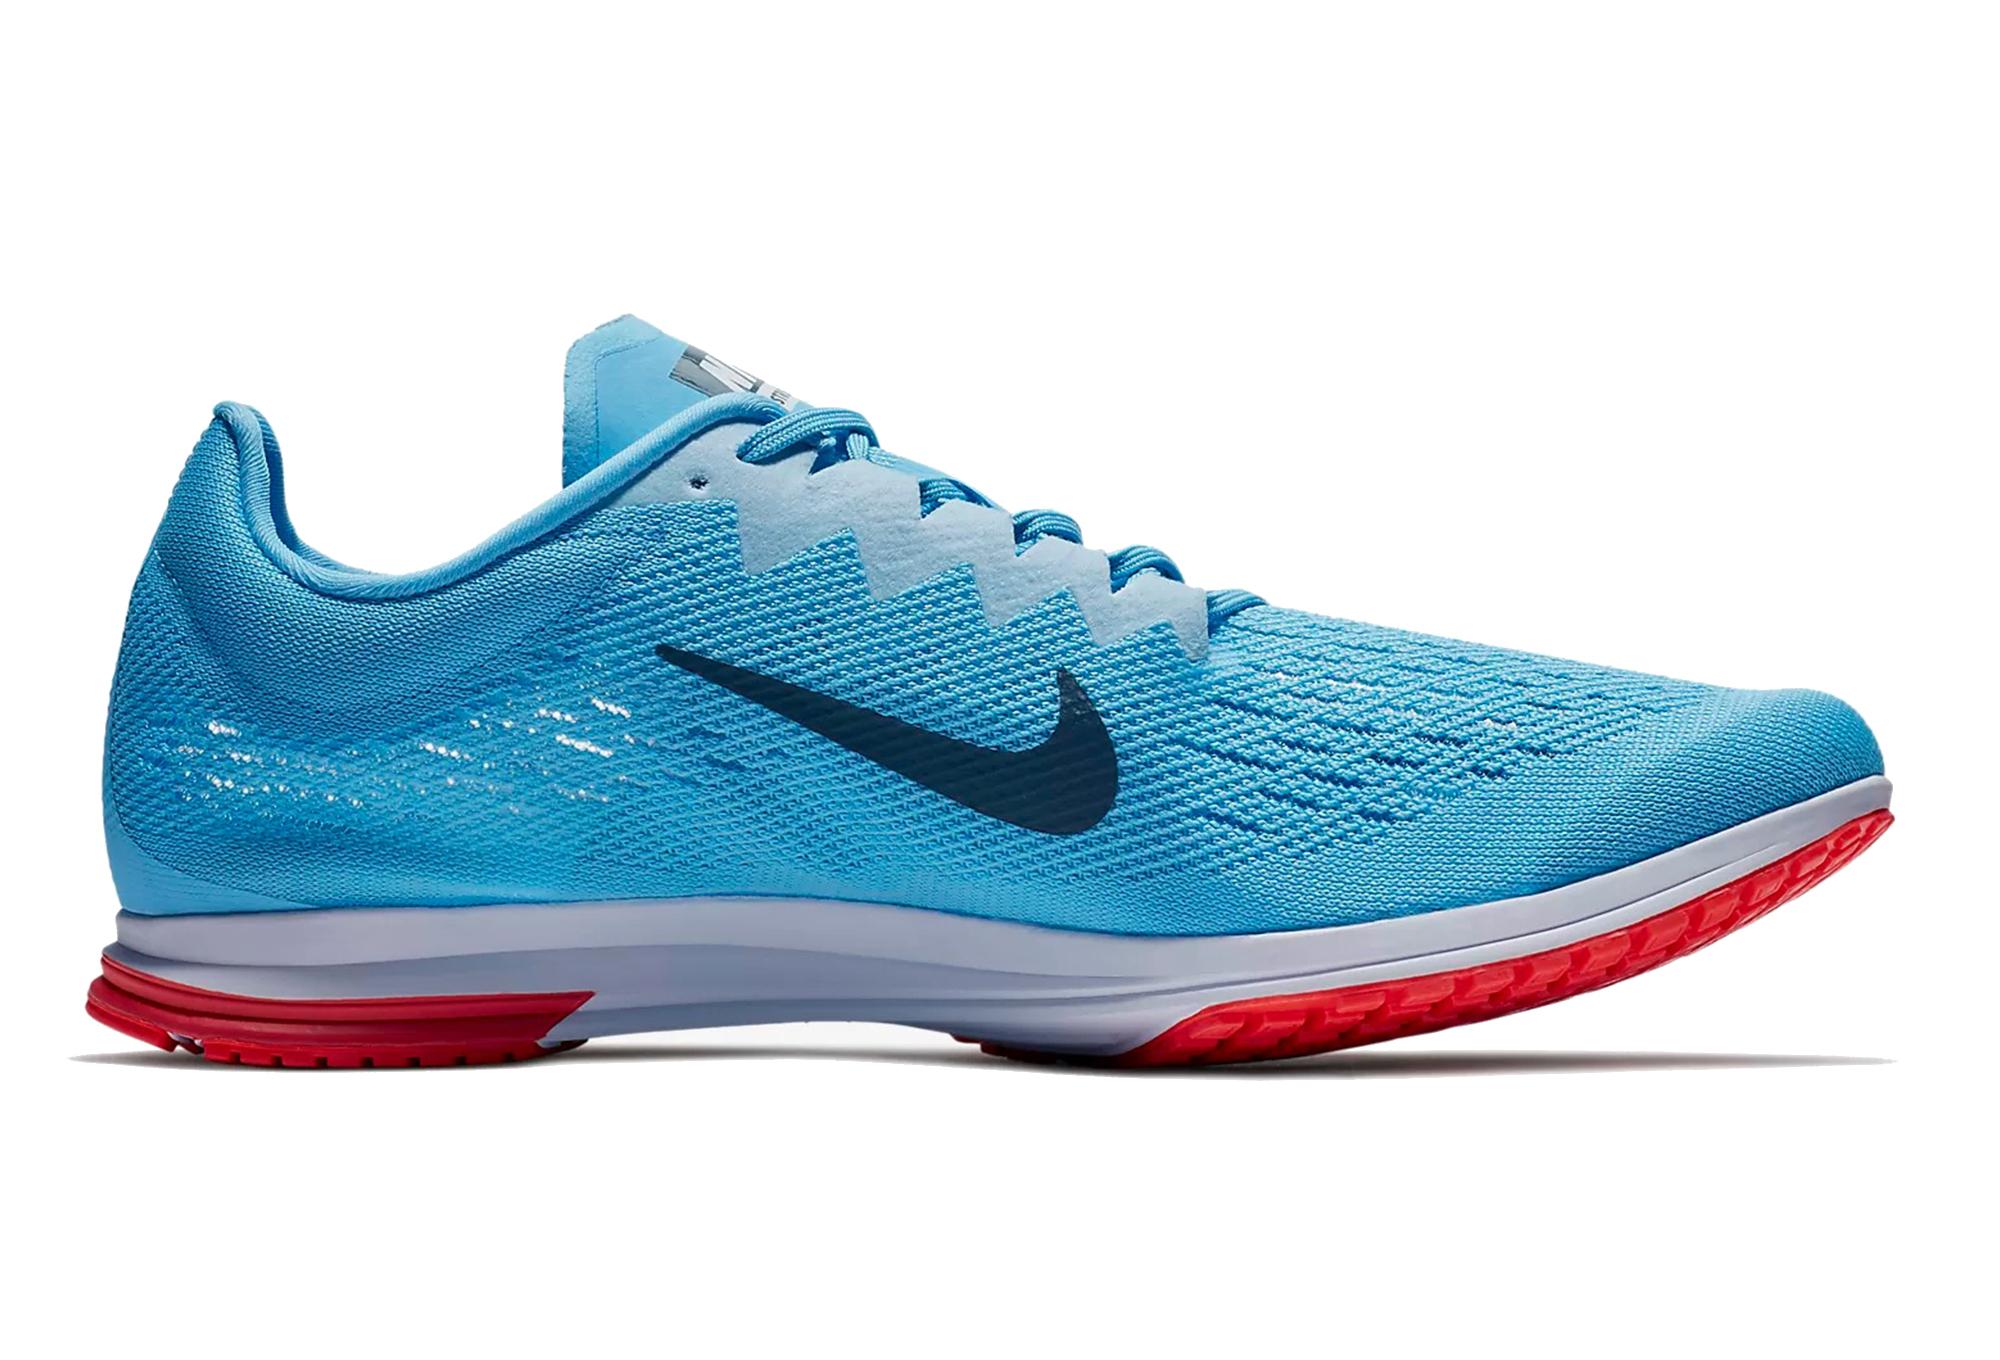 Nike Air Zoom Streak LT 4 Blue Orange